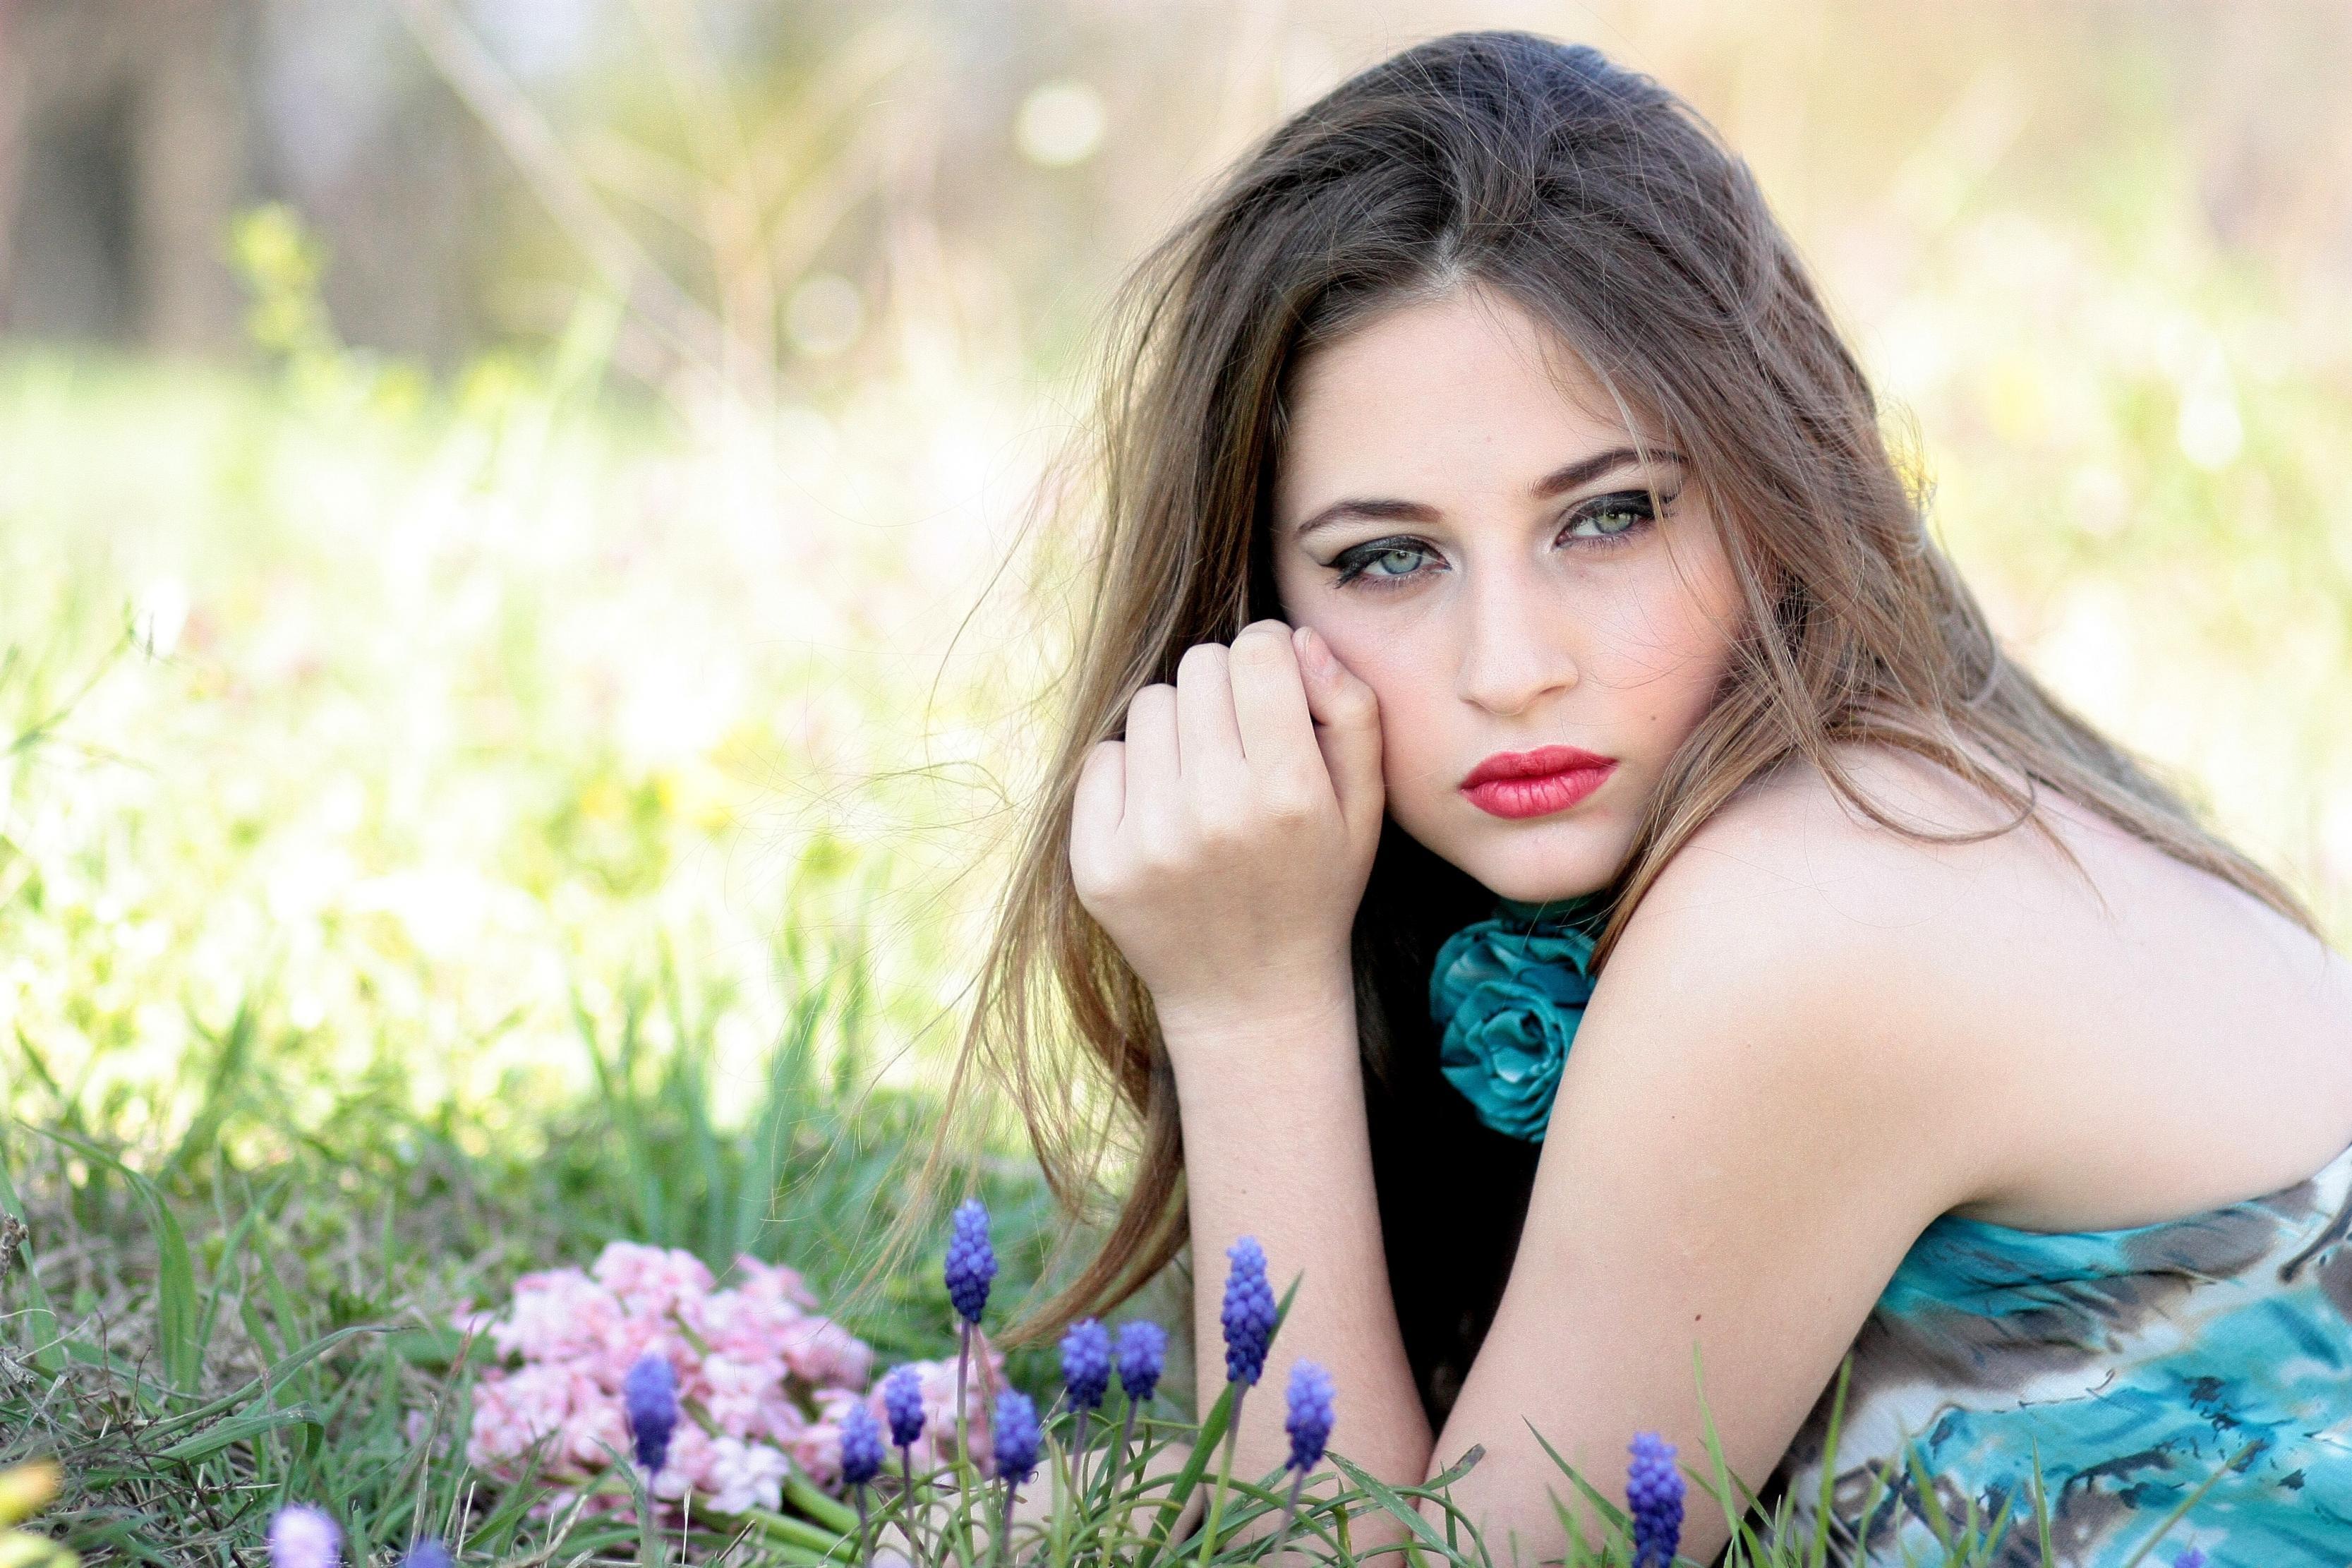 بالصور اجمل صور بنات , اجمل بنت فى العالم